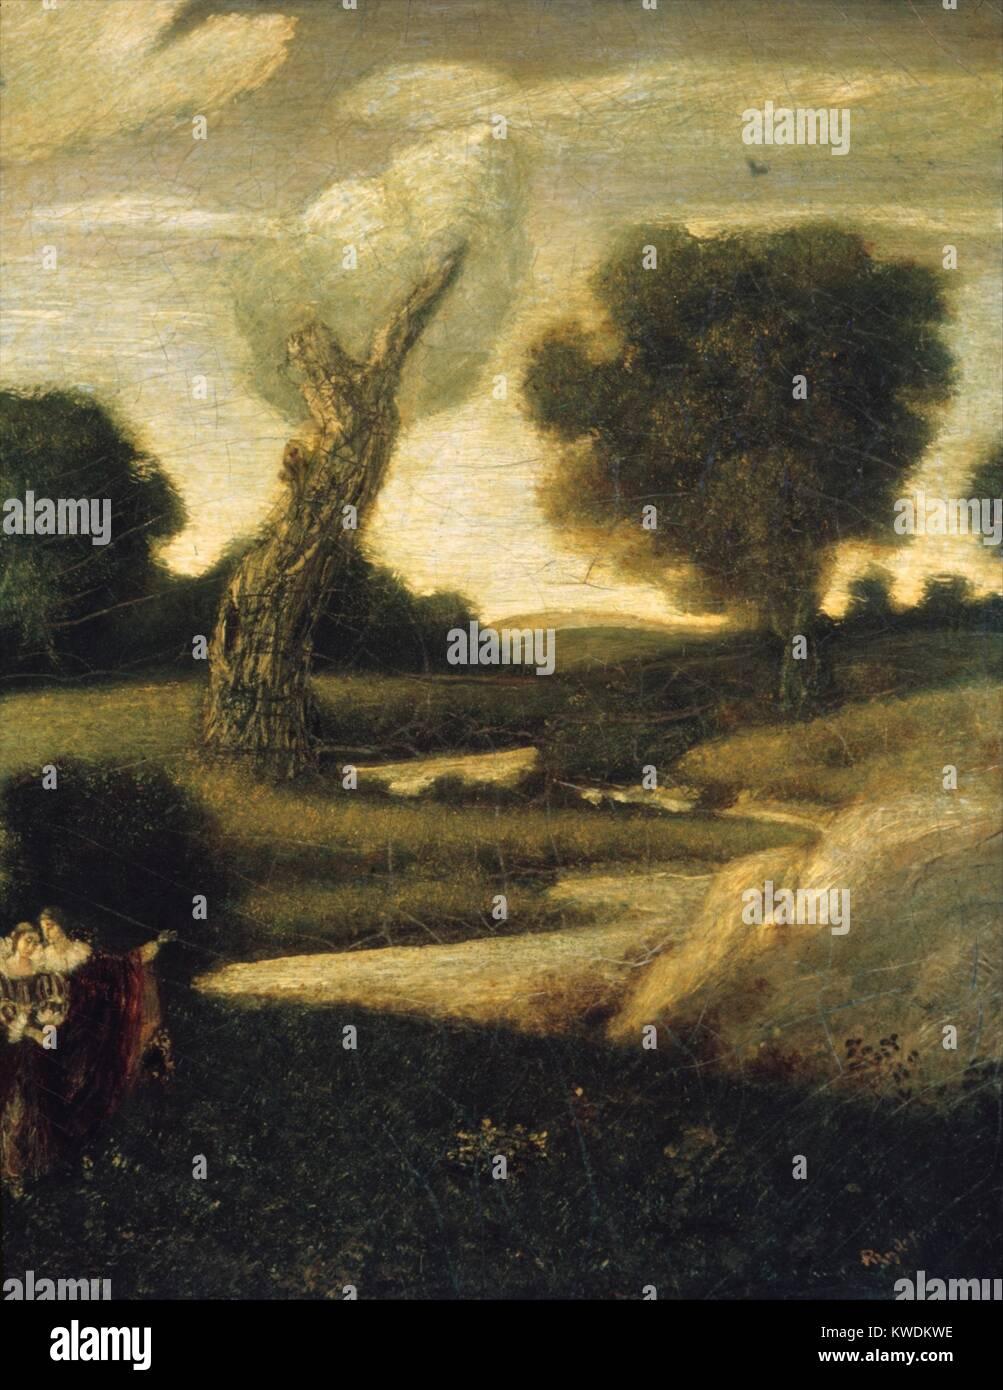 Der Wald von Arden, von Albert Pinkham Ryder, 1888-1908, Amerikanische Malerei, Öl auf Leinwand. Der Titel Stockbild